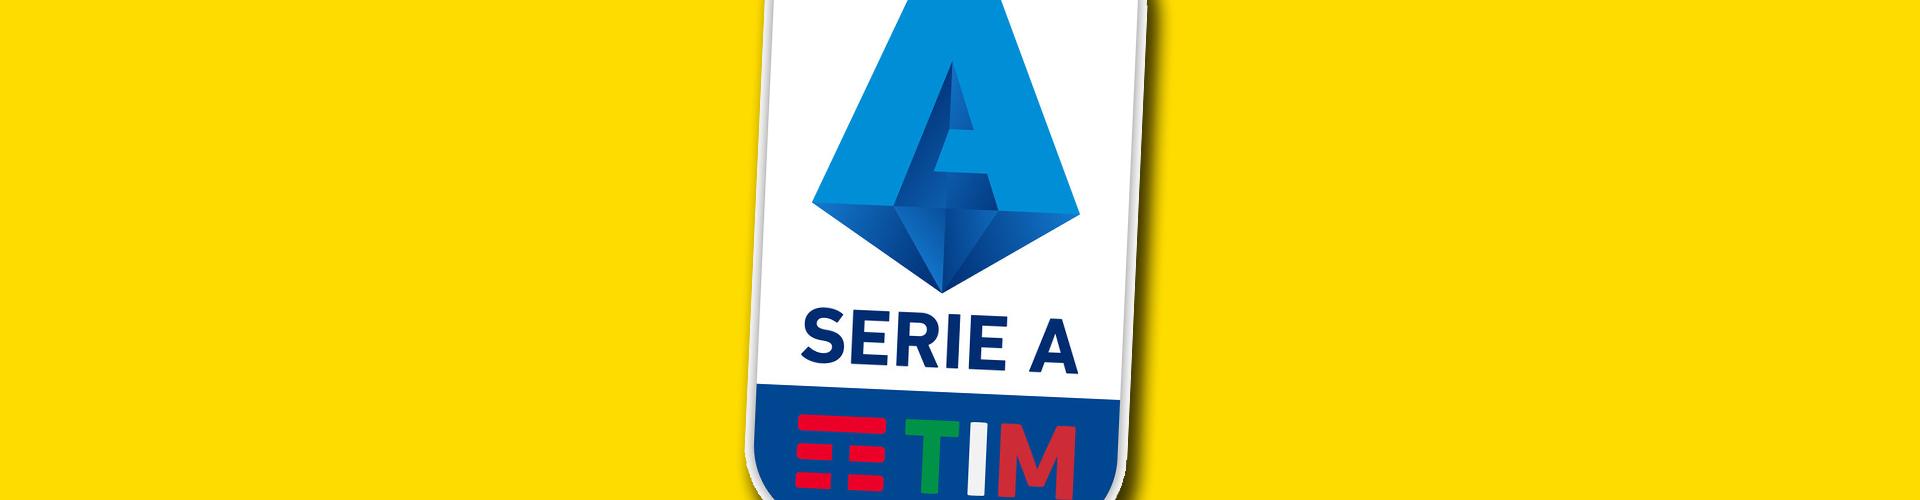 Serie A, ecco quando esce il calendario della stagione 2020 2021